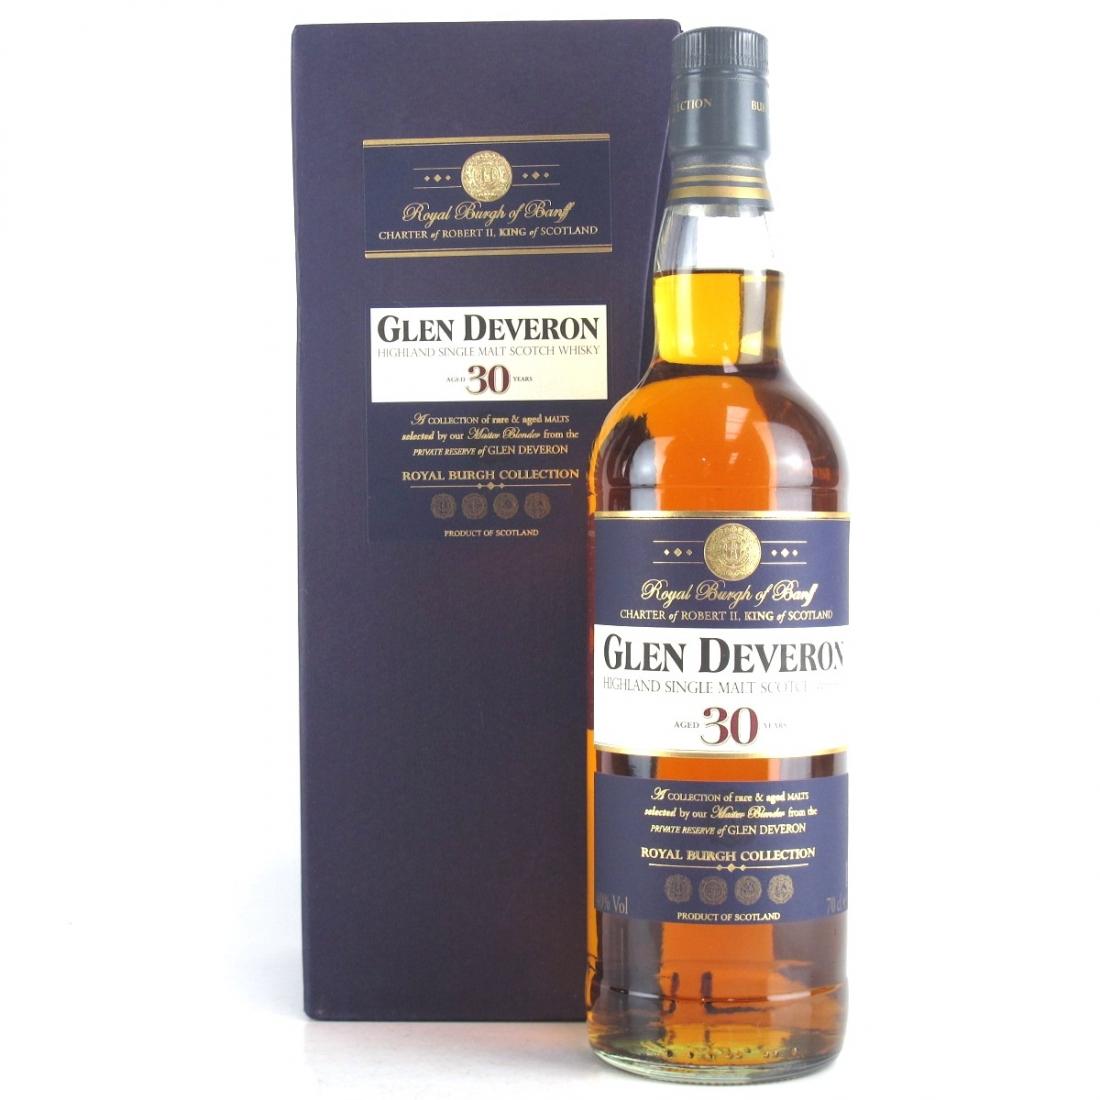 Glen Deveron 30 Year Old